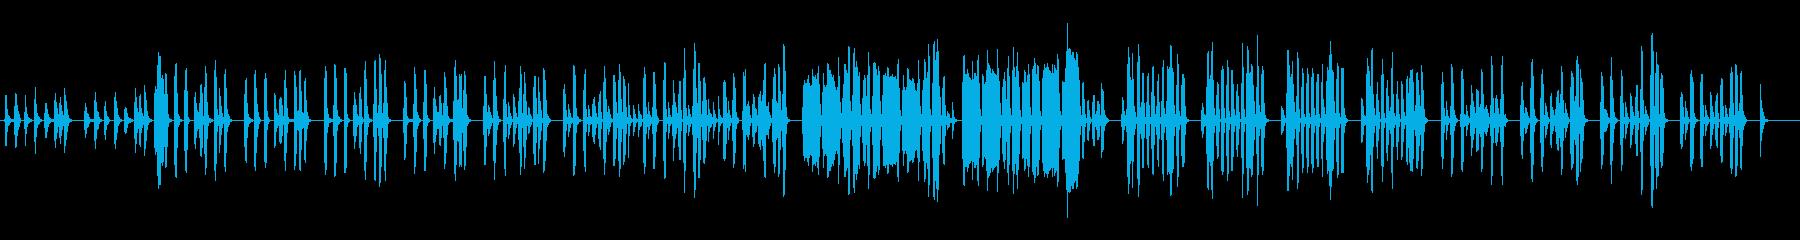 のんびりほのぼのリコーダー ゆるい日常系の再生済みの波形